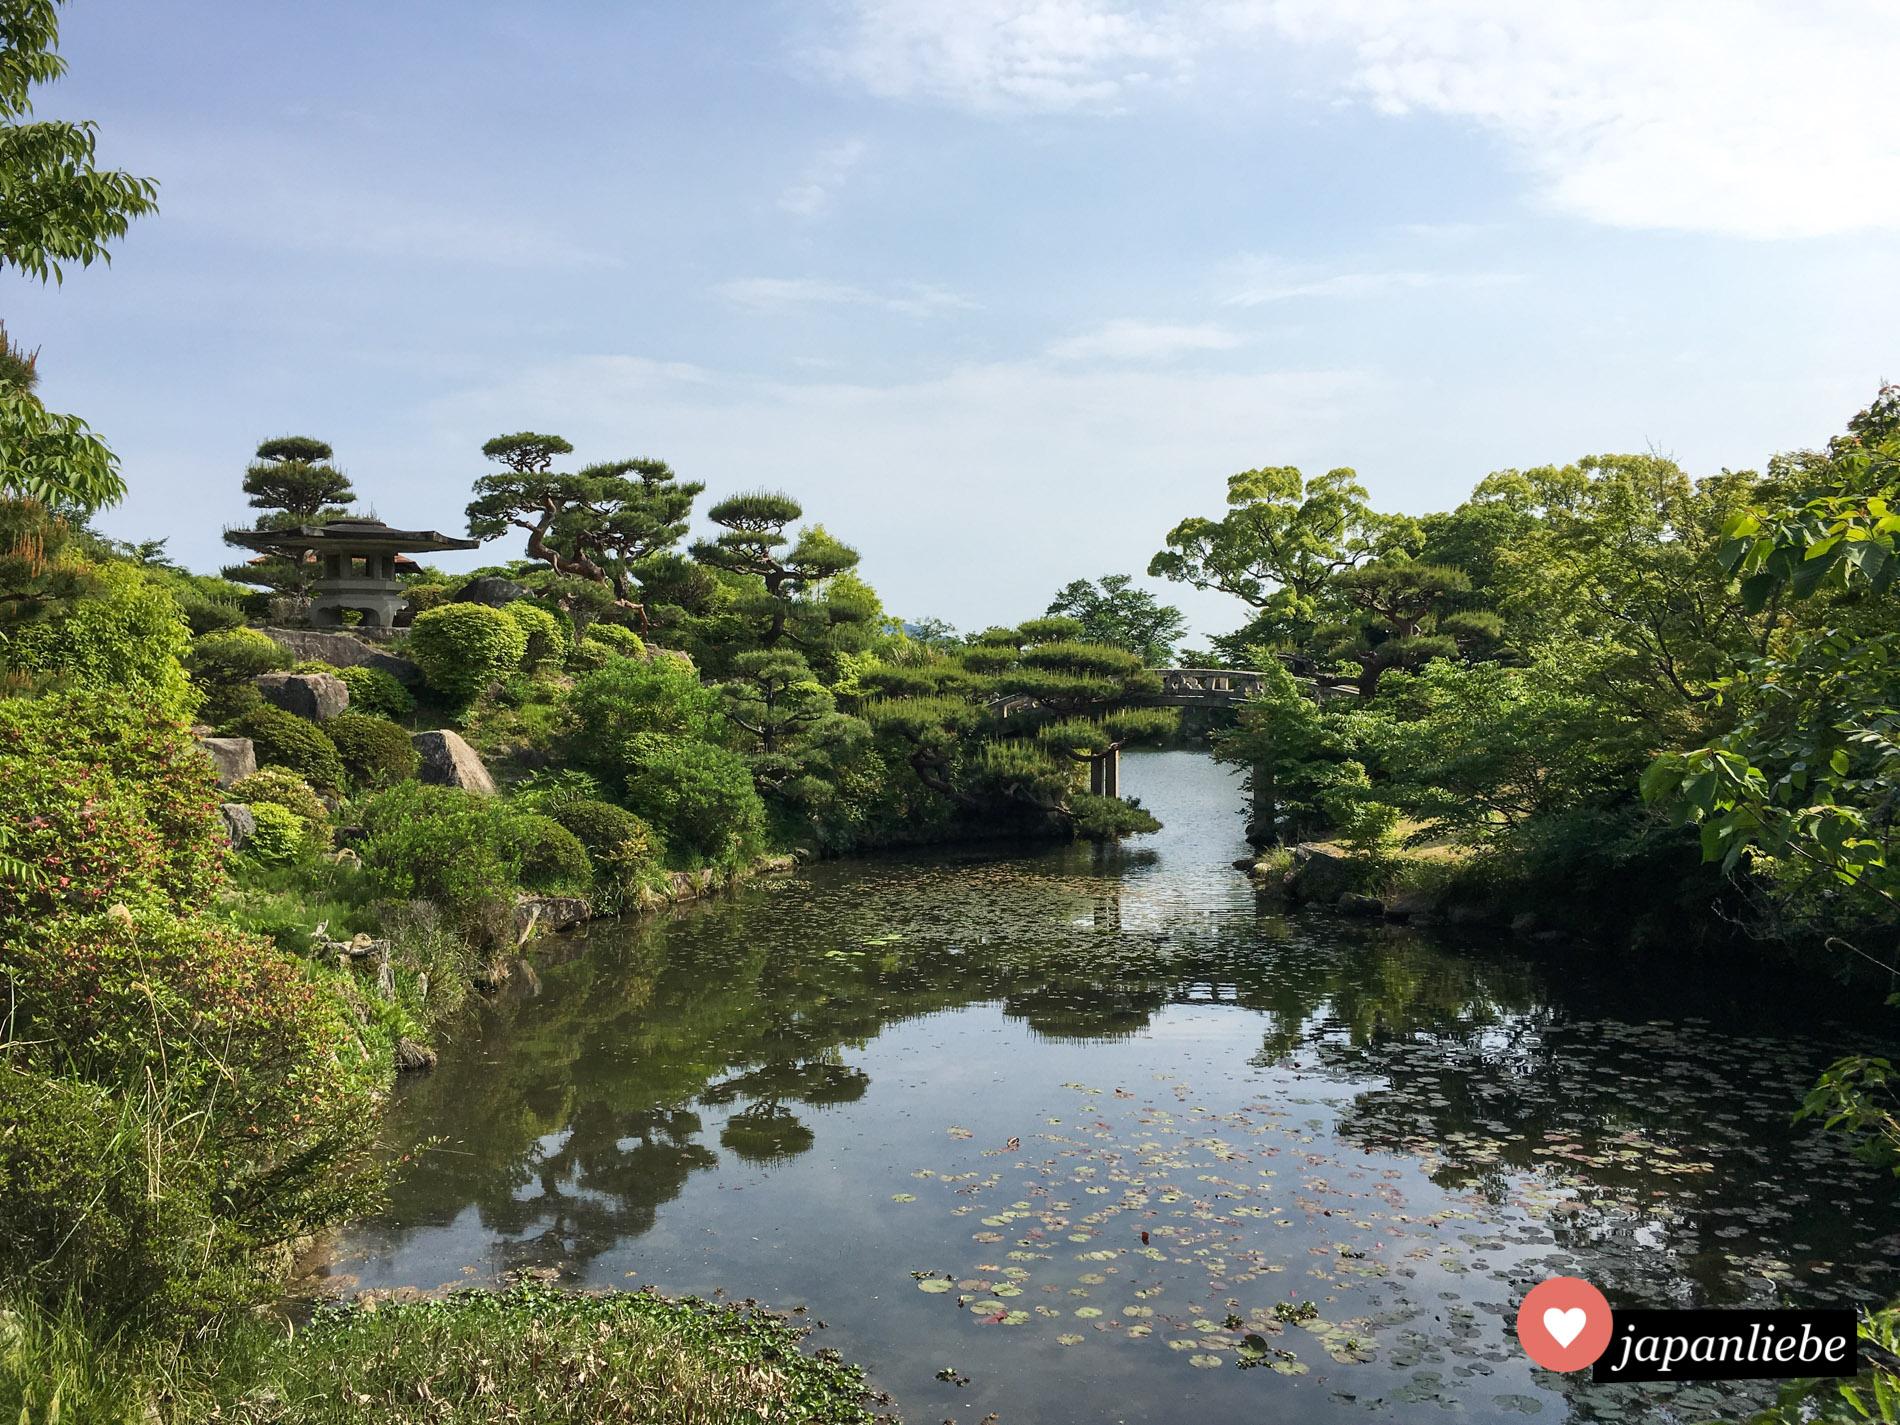 Blick auf die Wahrzeichen des Mōri Garten in Hōfu: Brücke und Steinlaterne.